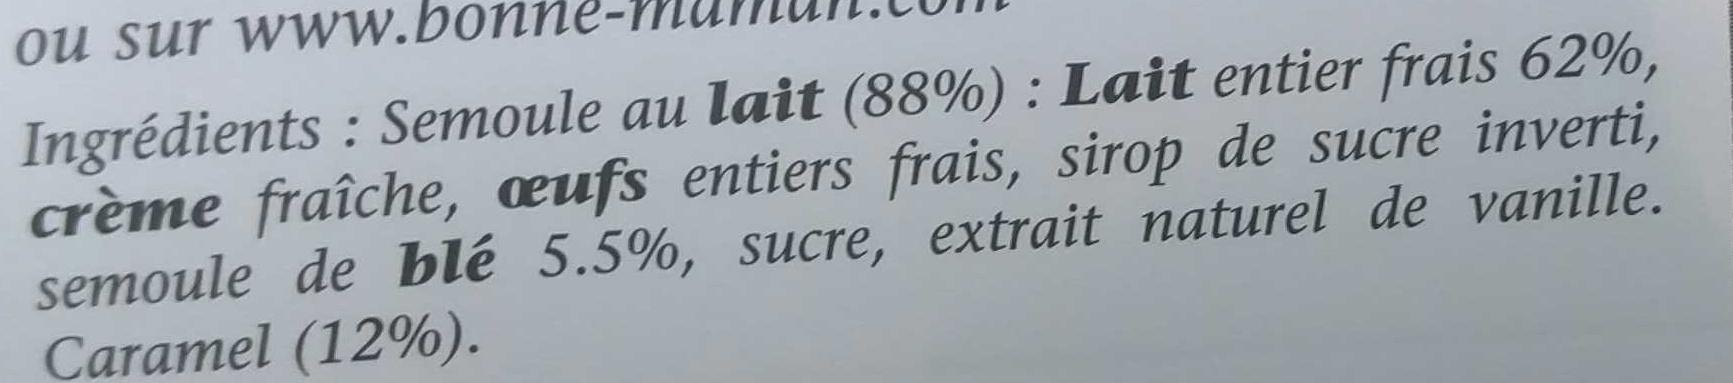 Semoule au Caramel - Ingrédients - fr